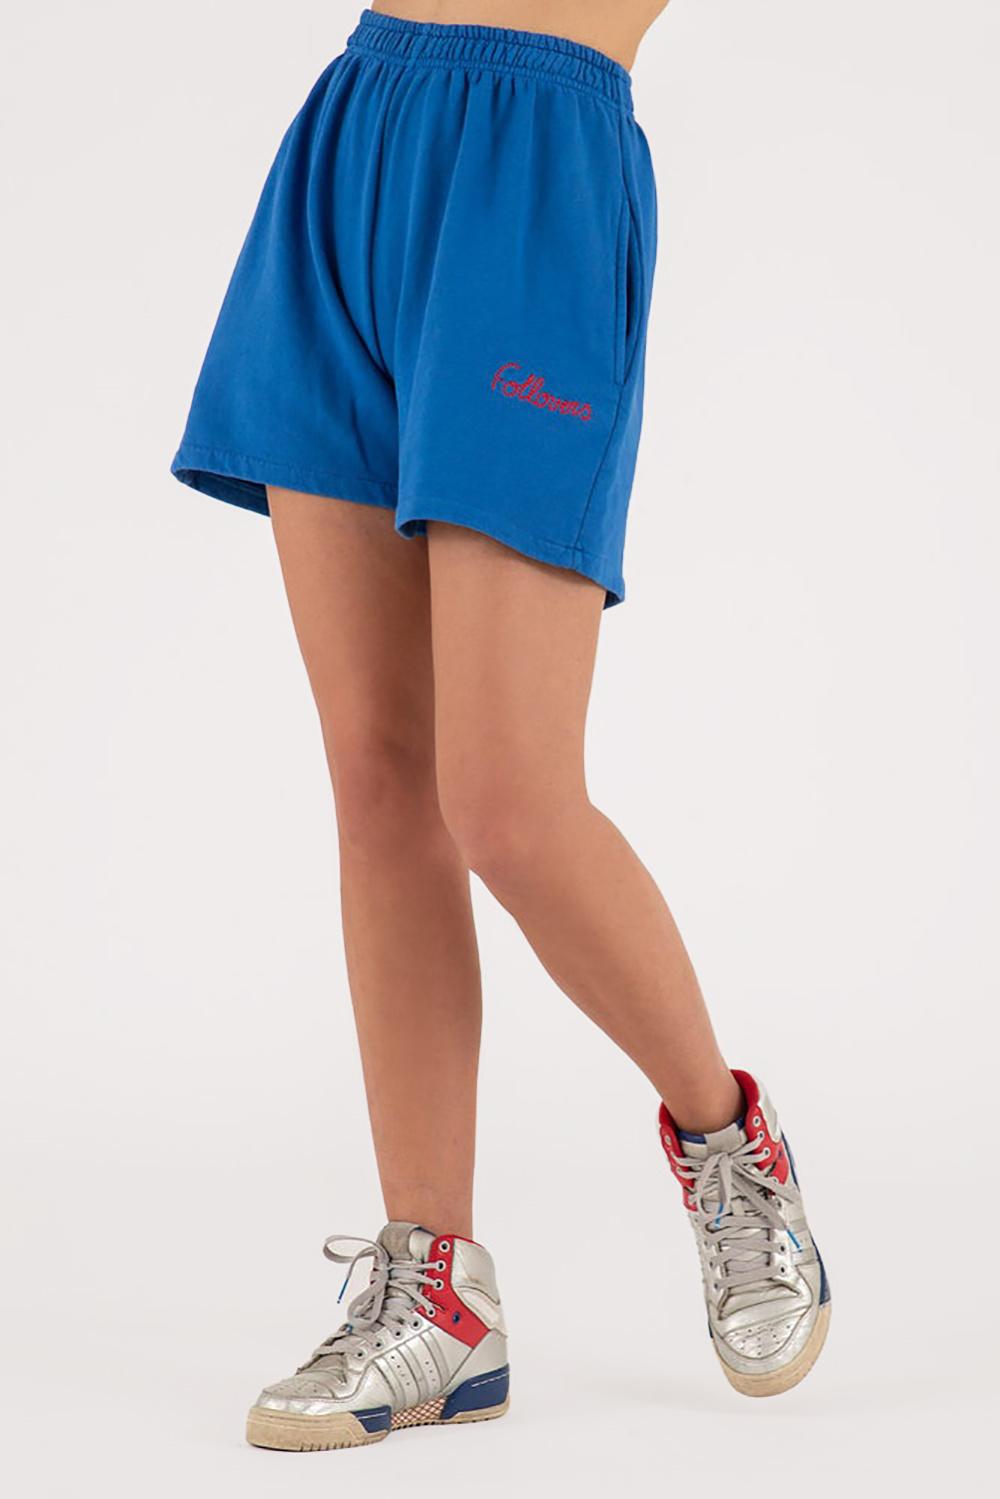 Follovers short Kendall blauw